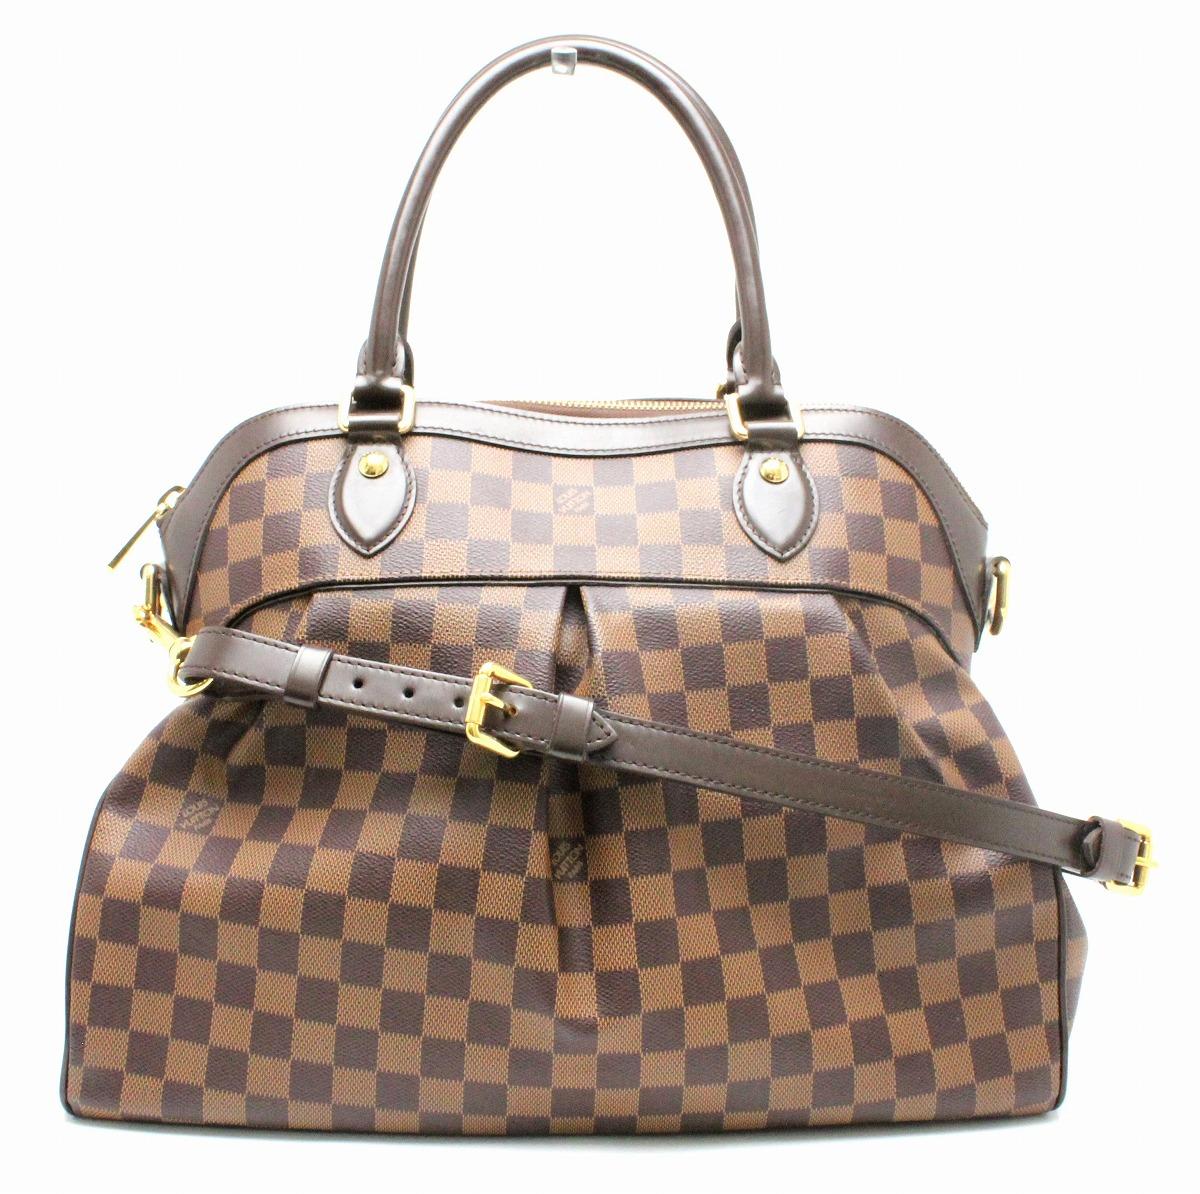 【バッグ】LOUIS VUITTON ルイ ヴィトン ダミエ トレヴィGM ハンドバッグ 2WAYショルダーバッグ セミショルダー N51998 【中古】【k】